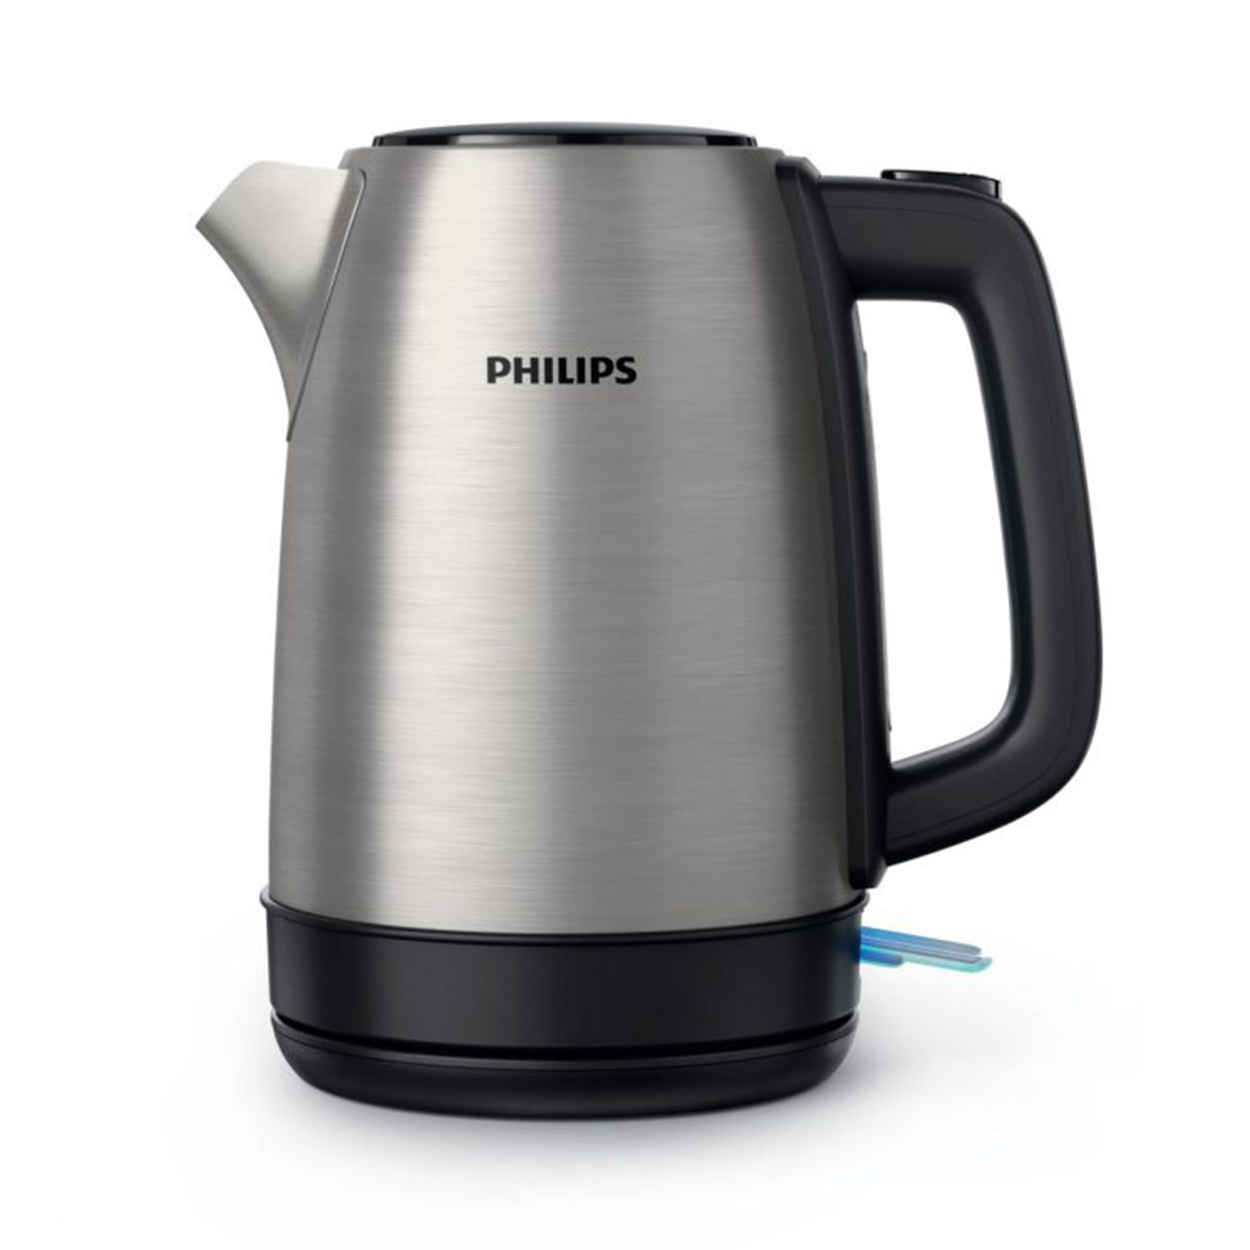 Pirkite Daily Collection Virdulį HD9350/91 elektroninėje | Philips parduotuvėje